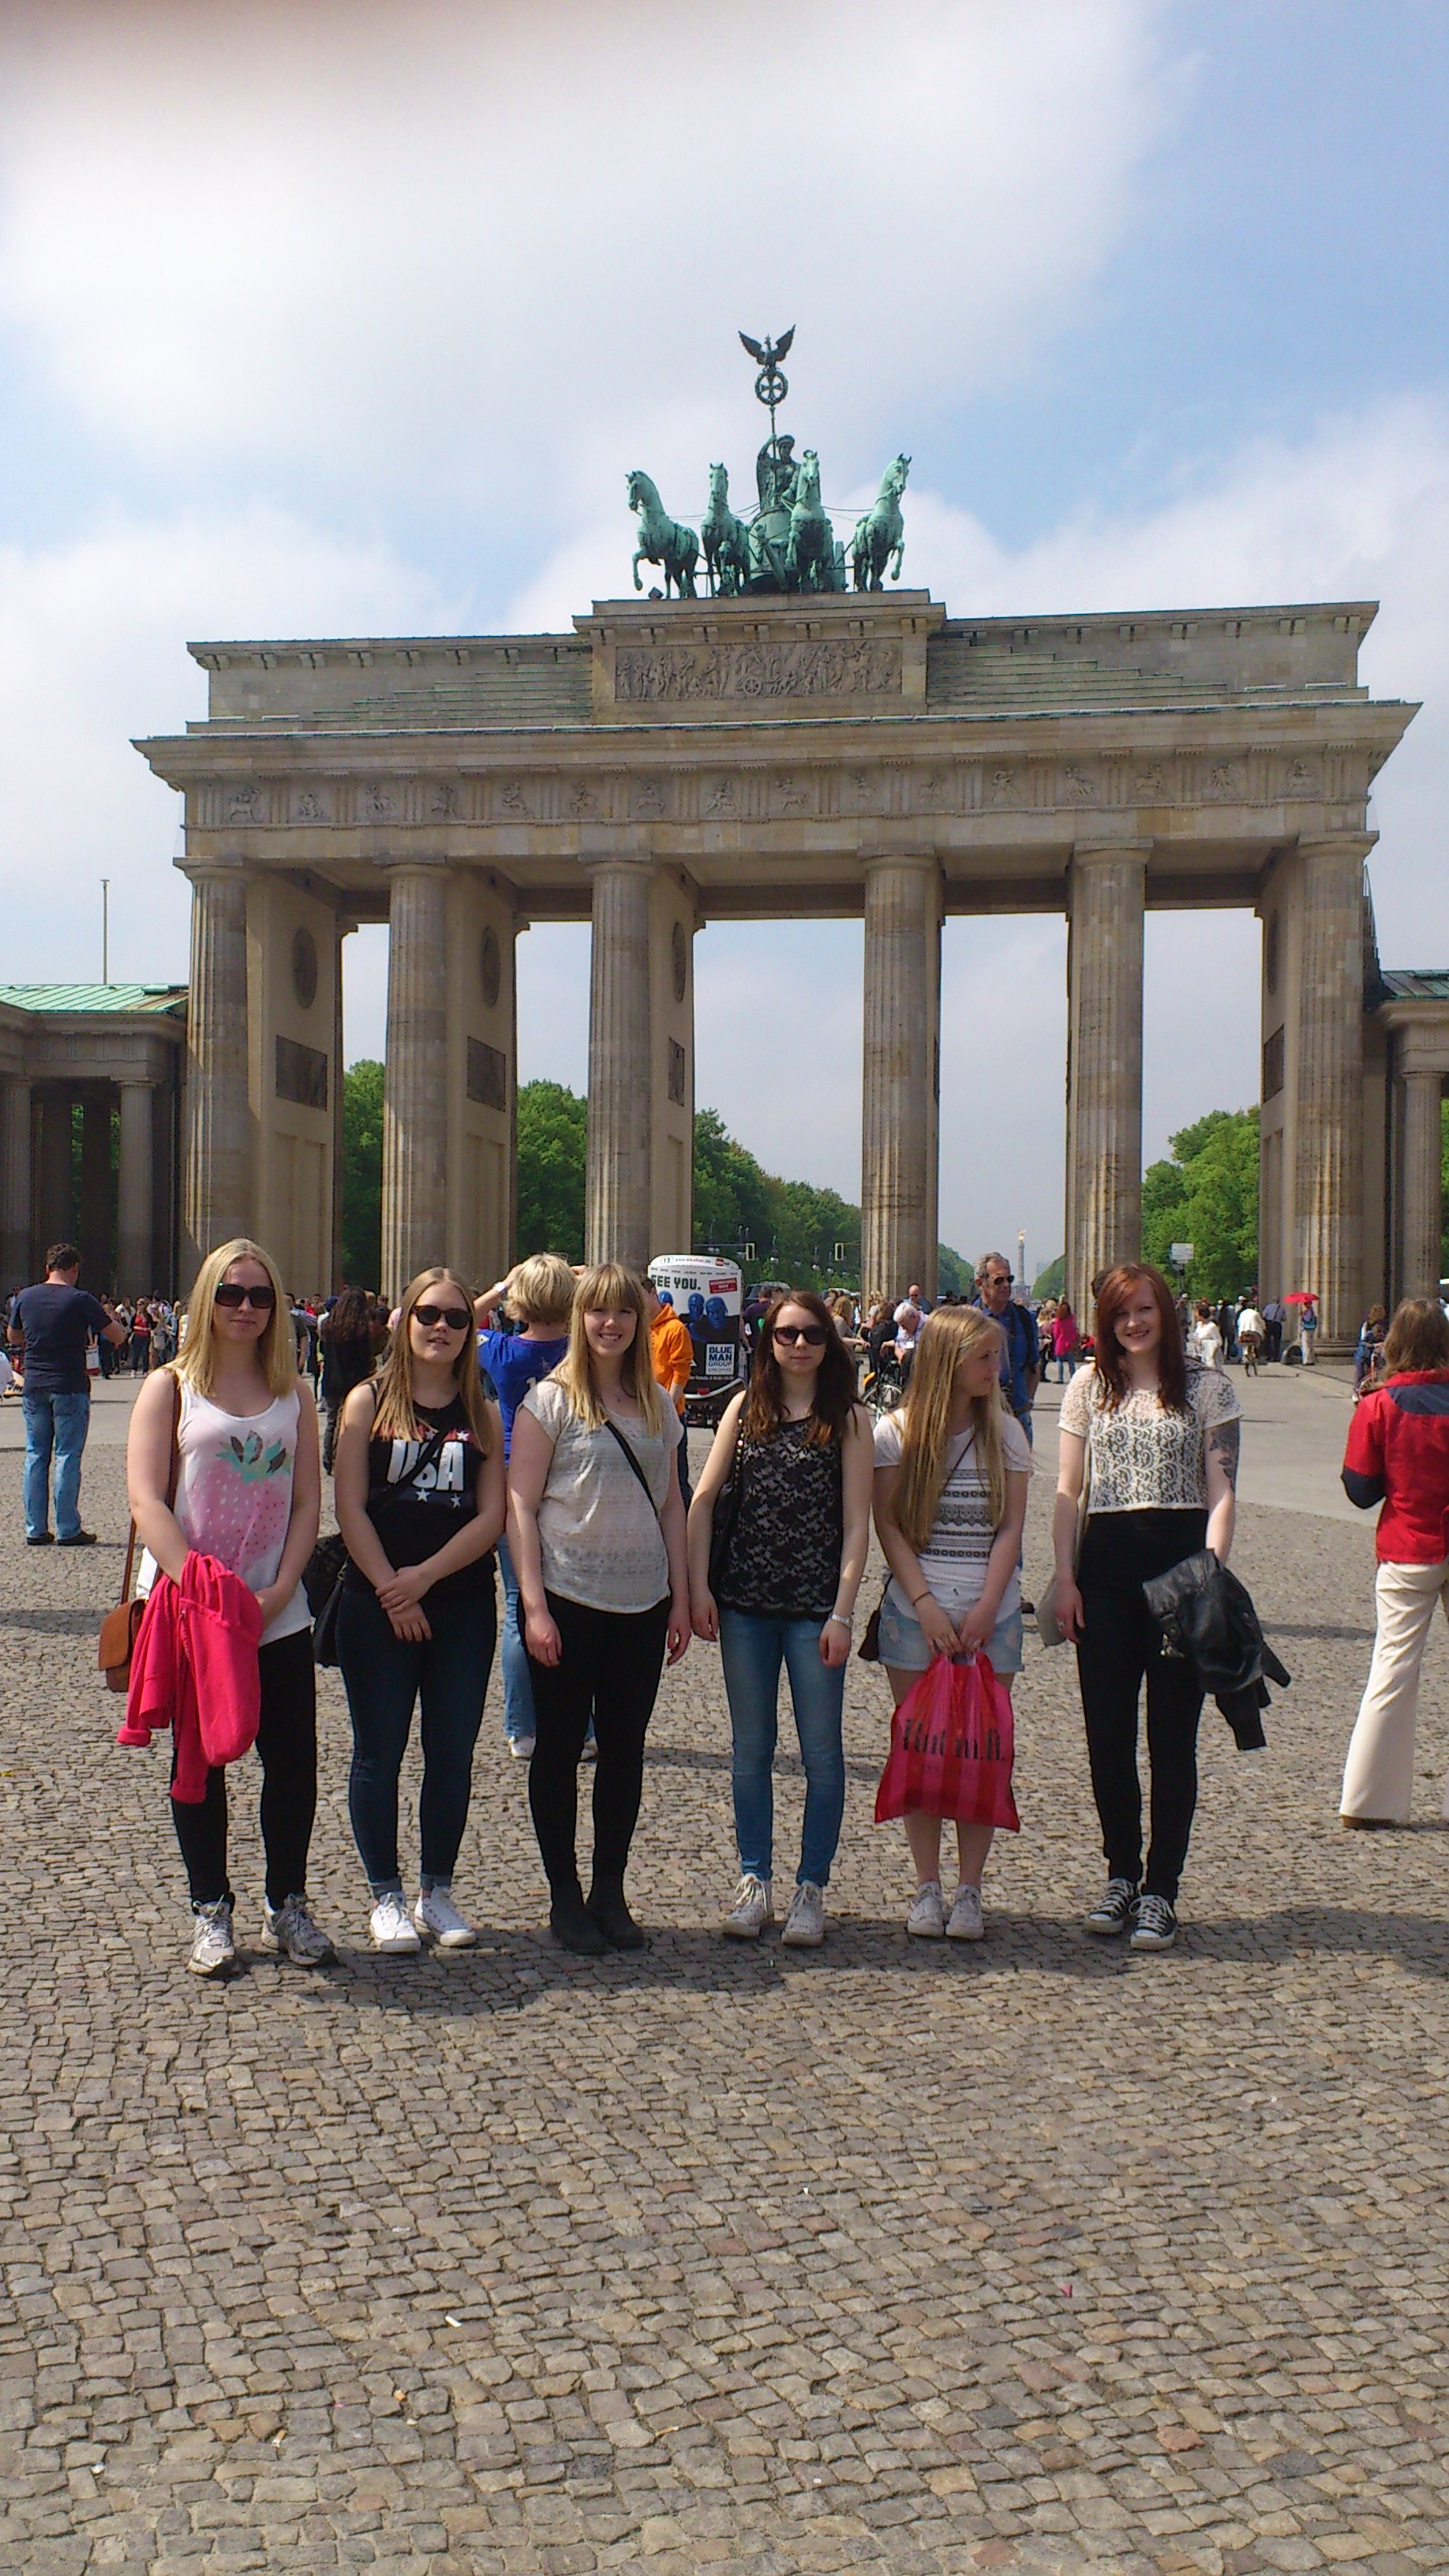 Eleverna vid Brandenburger Tor